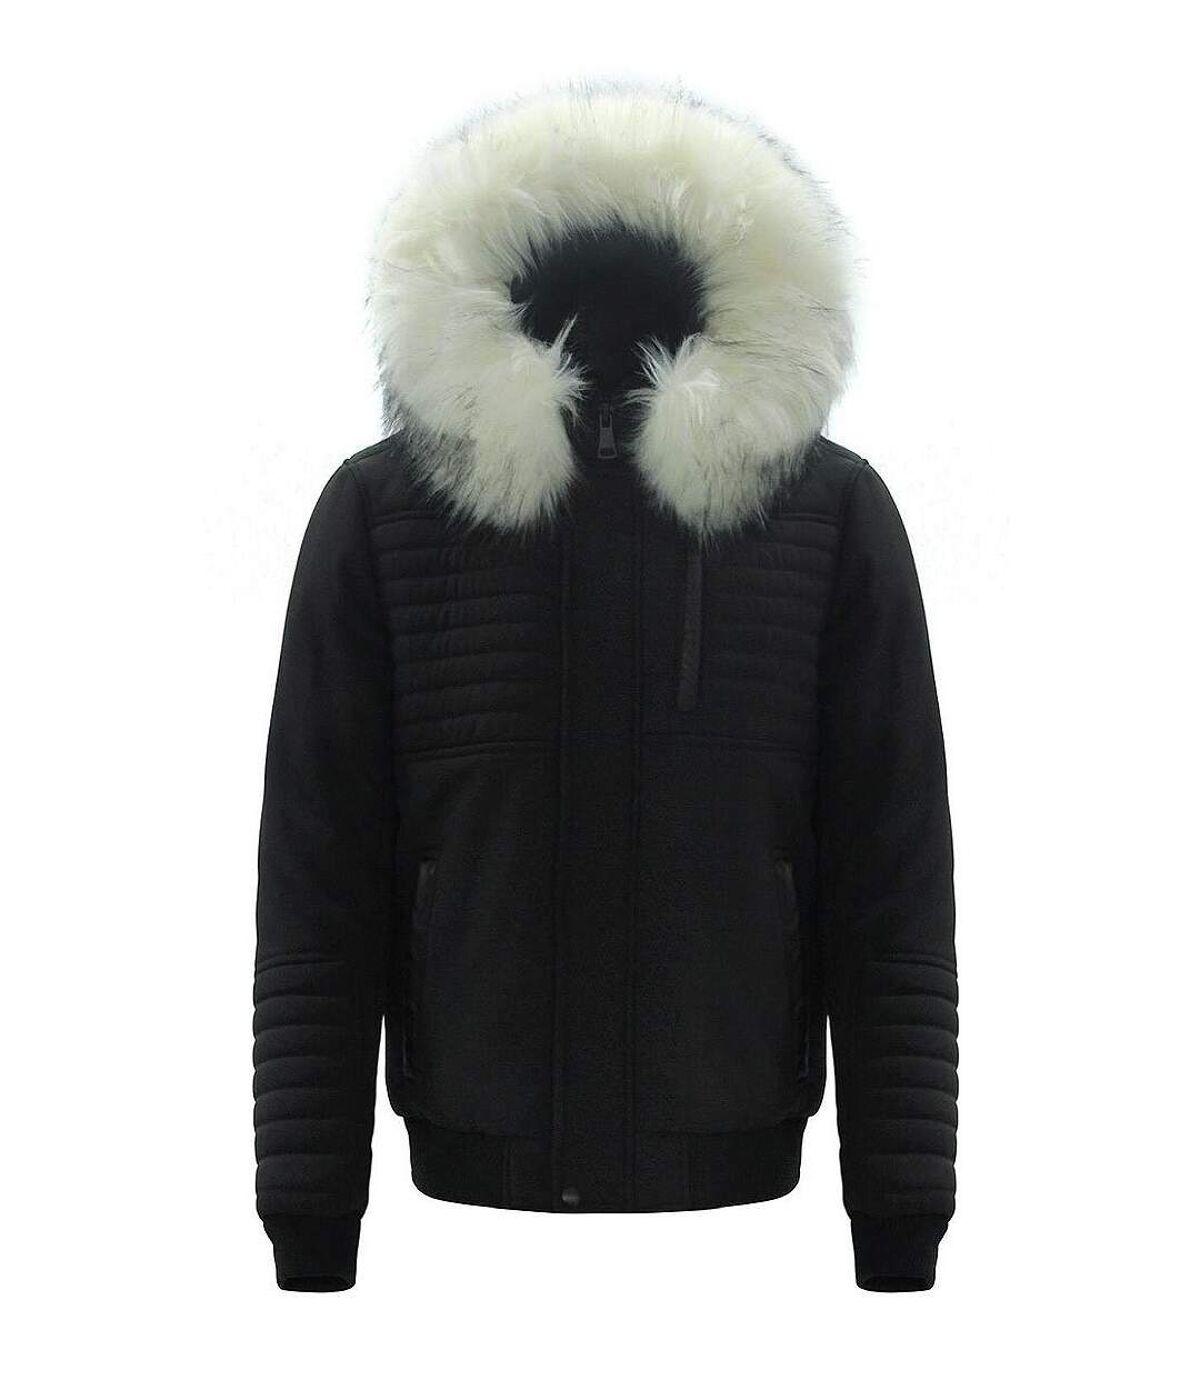 Parka doudoune courte noire matelassée et à capuche belle fourrure synthétique blanche